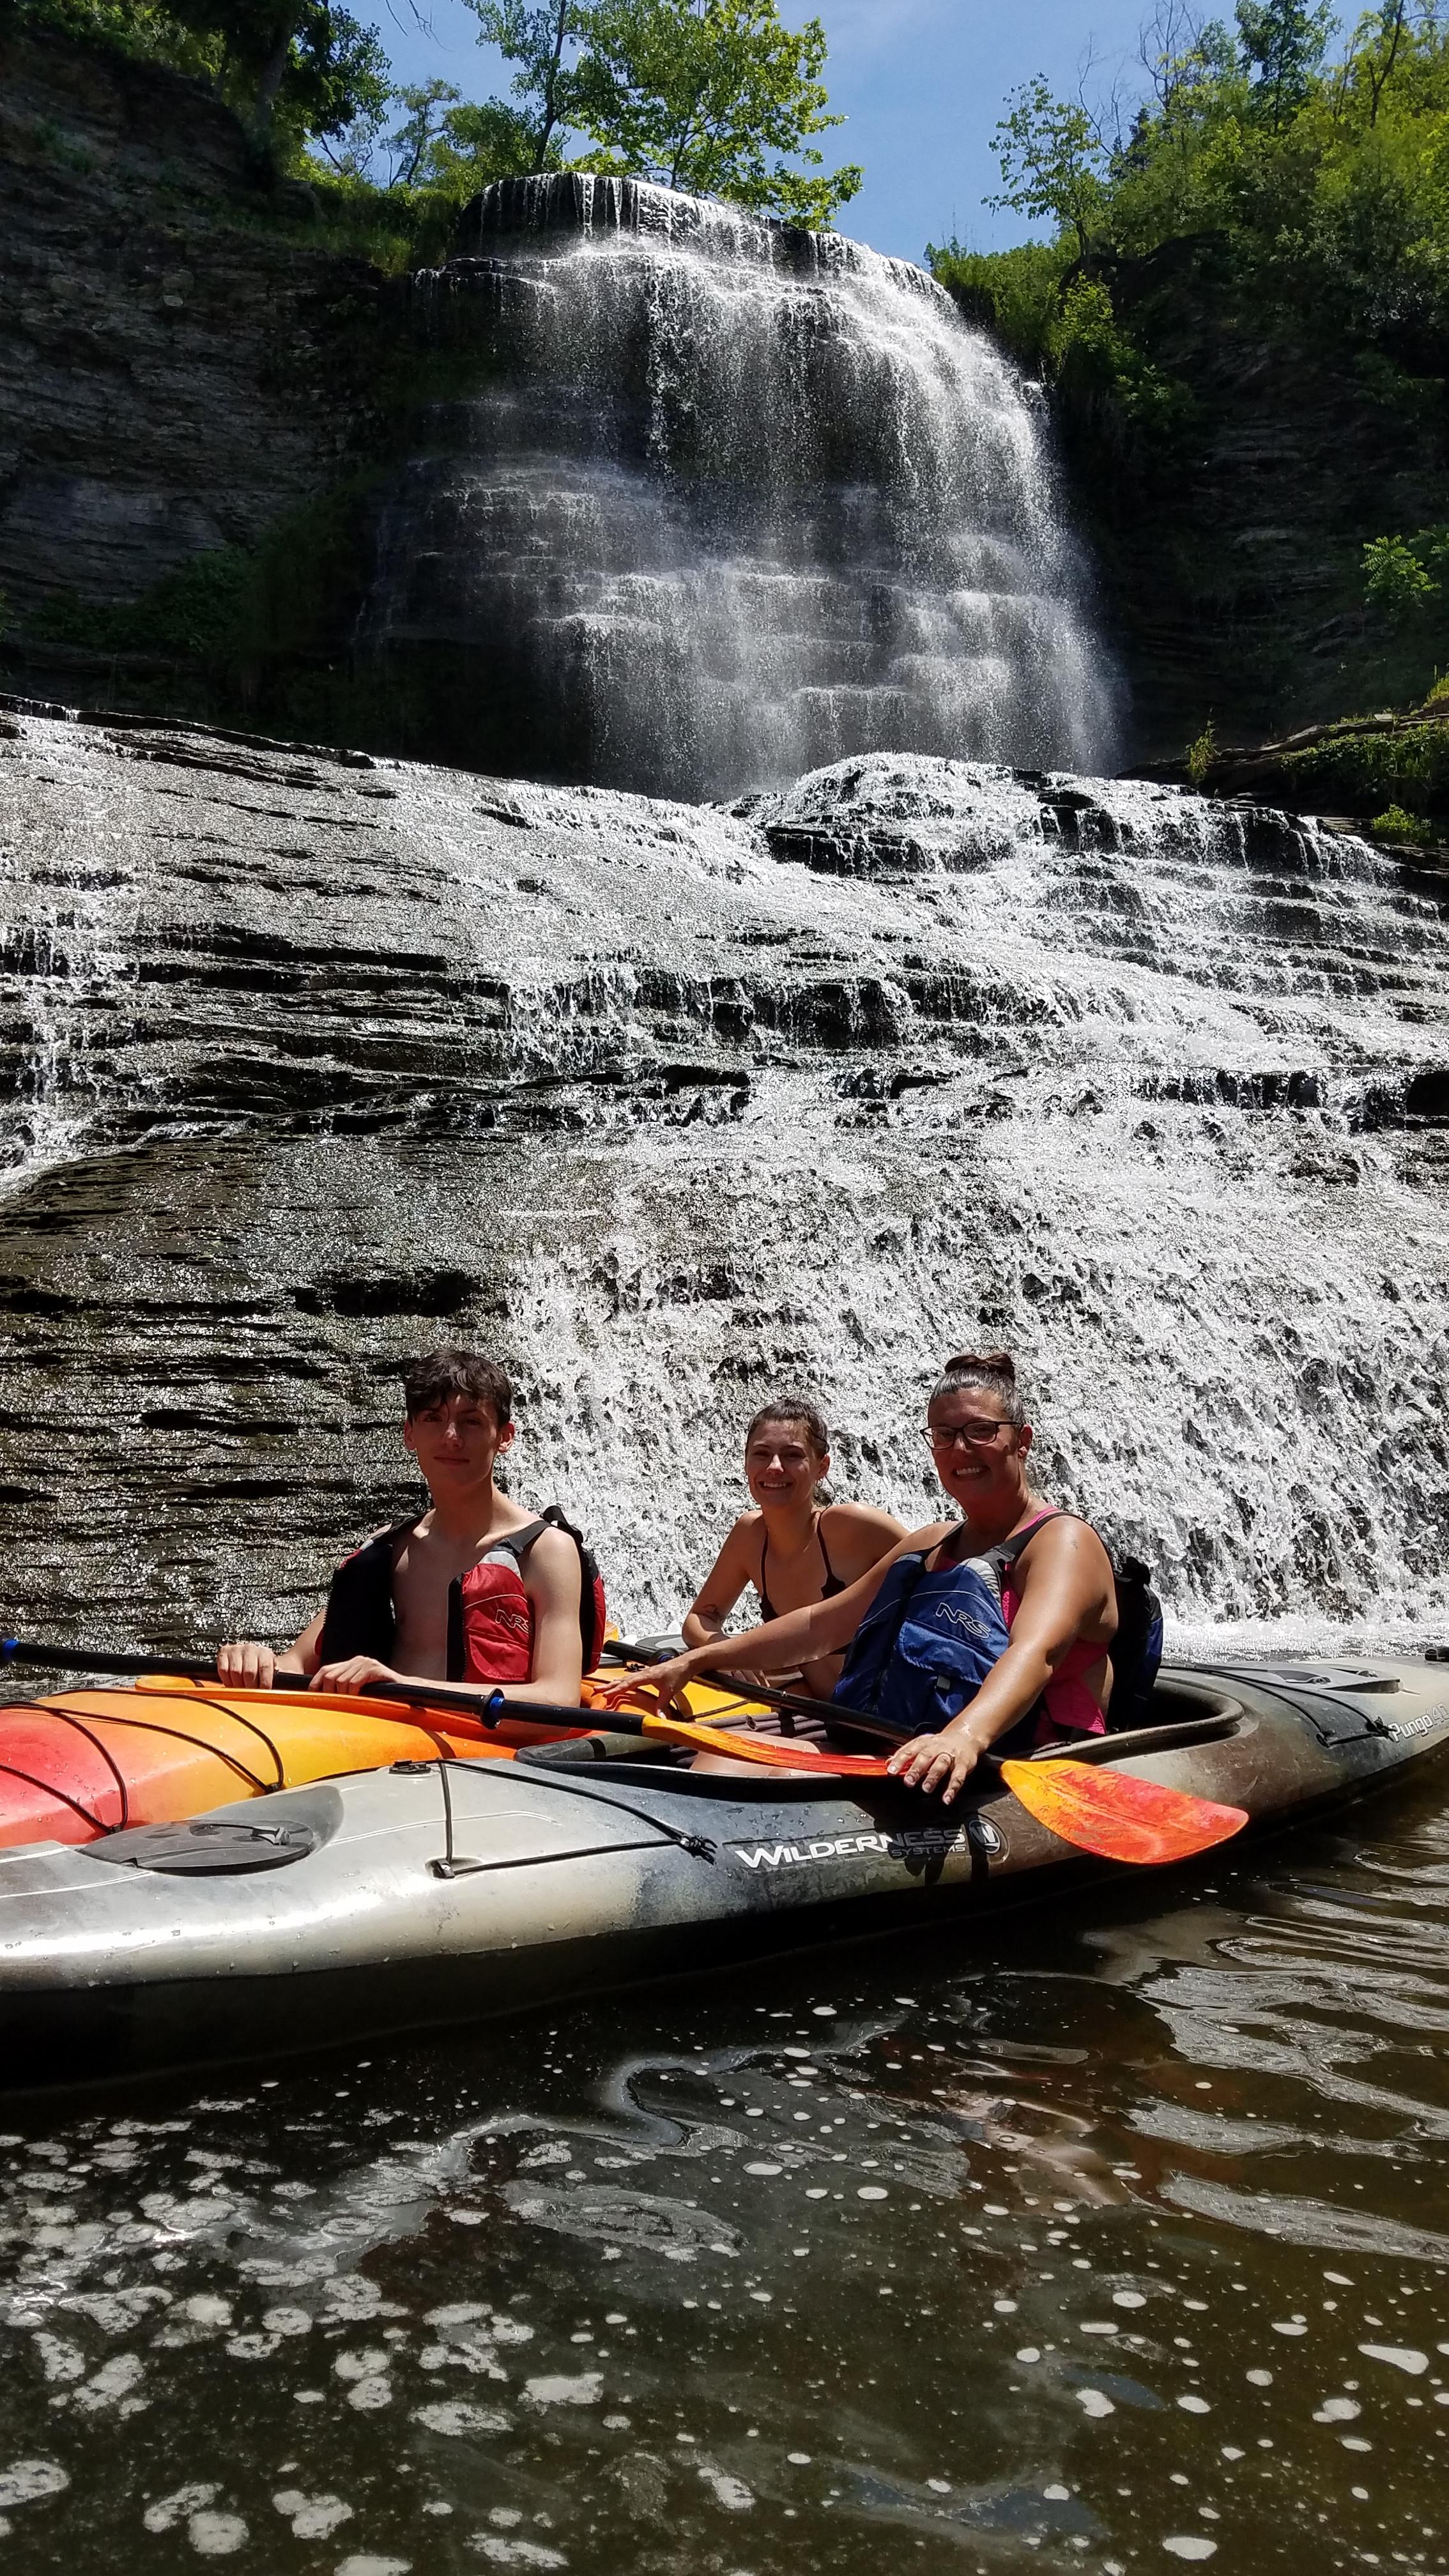 Hector Falls Kayak Tour Sept 20 to close